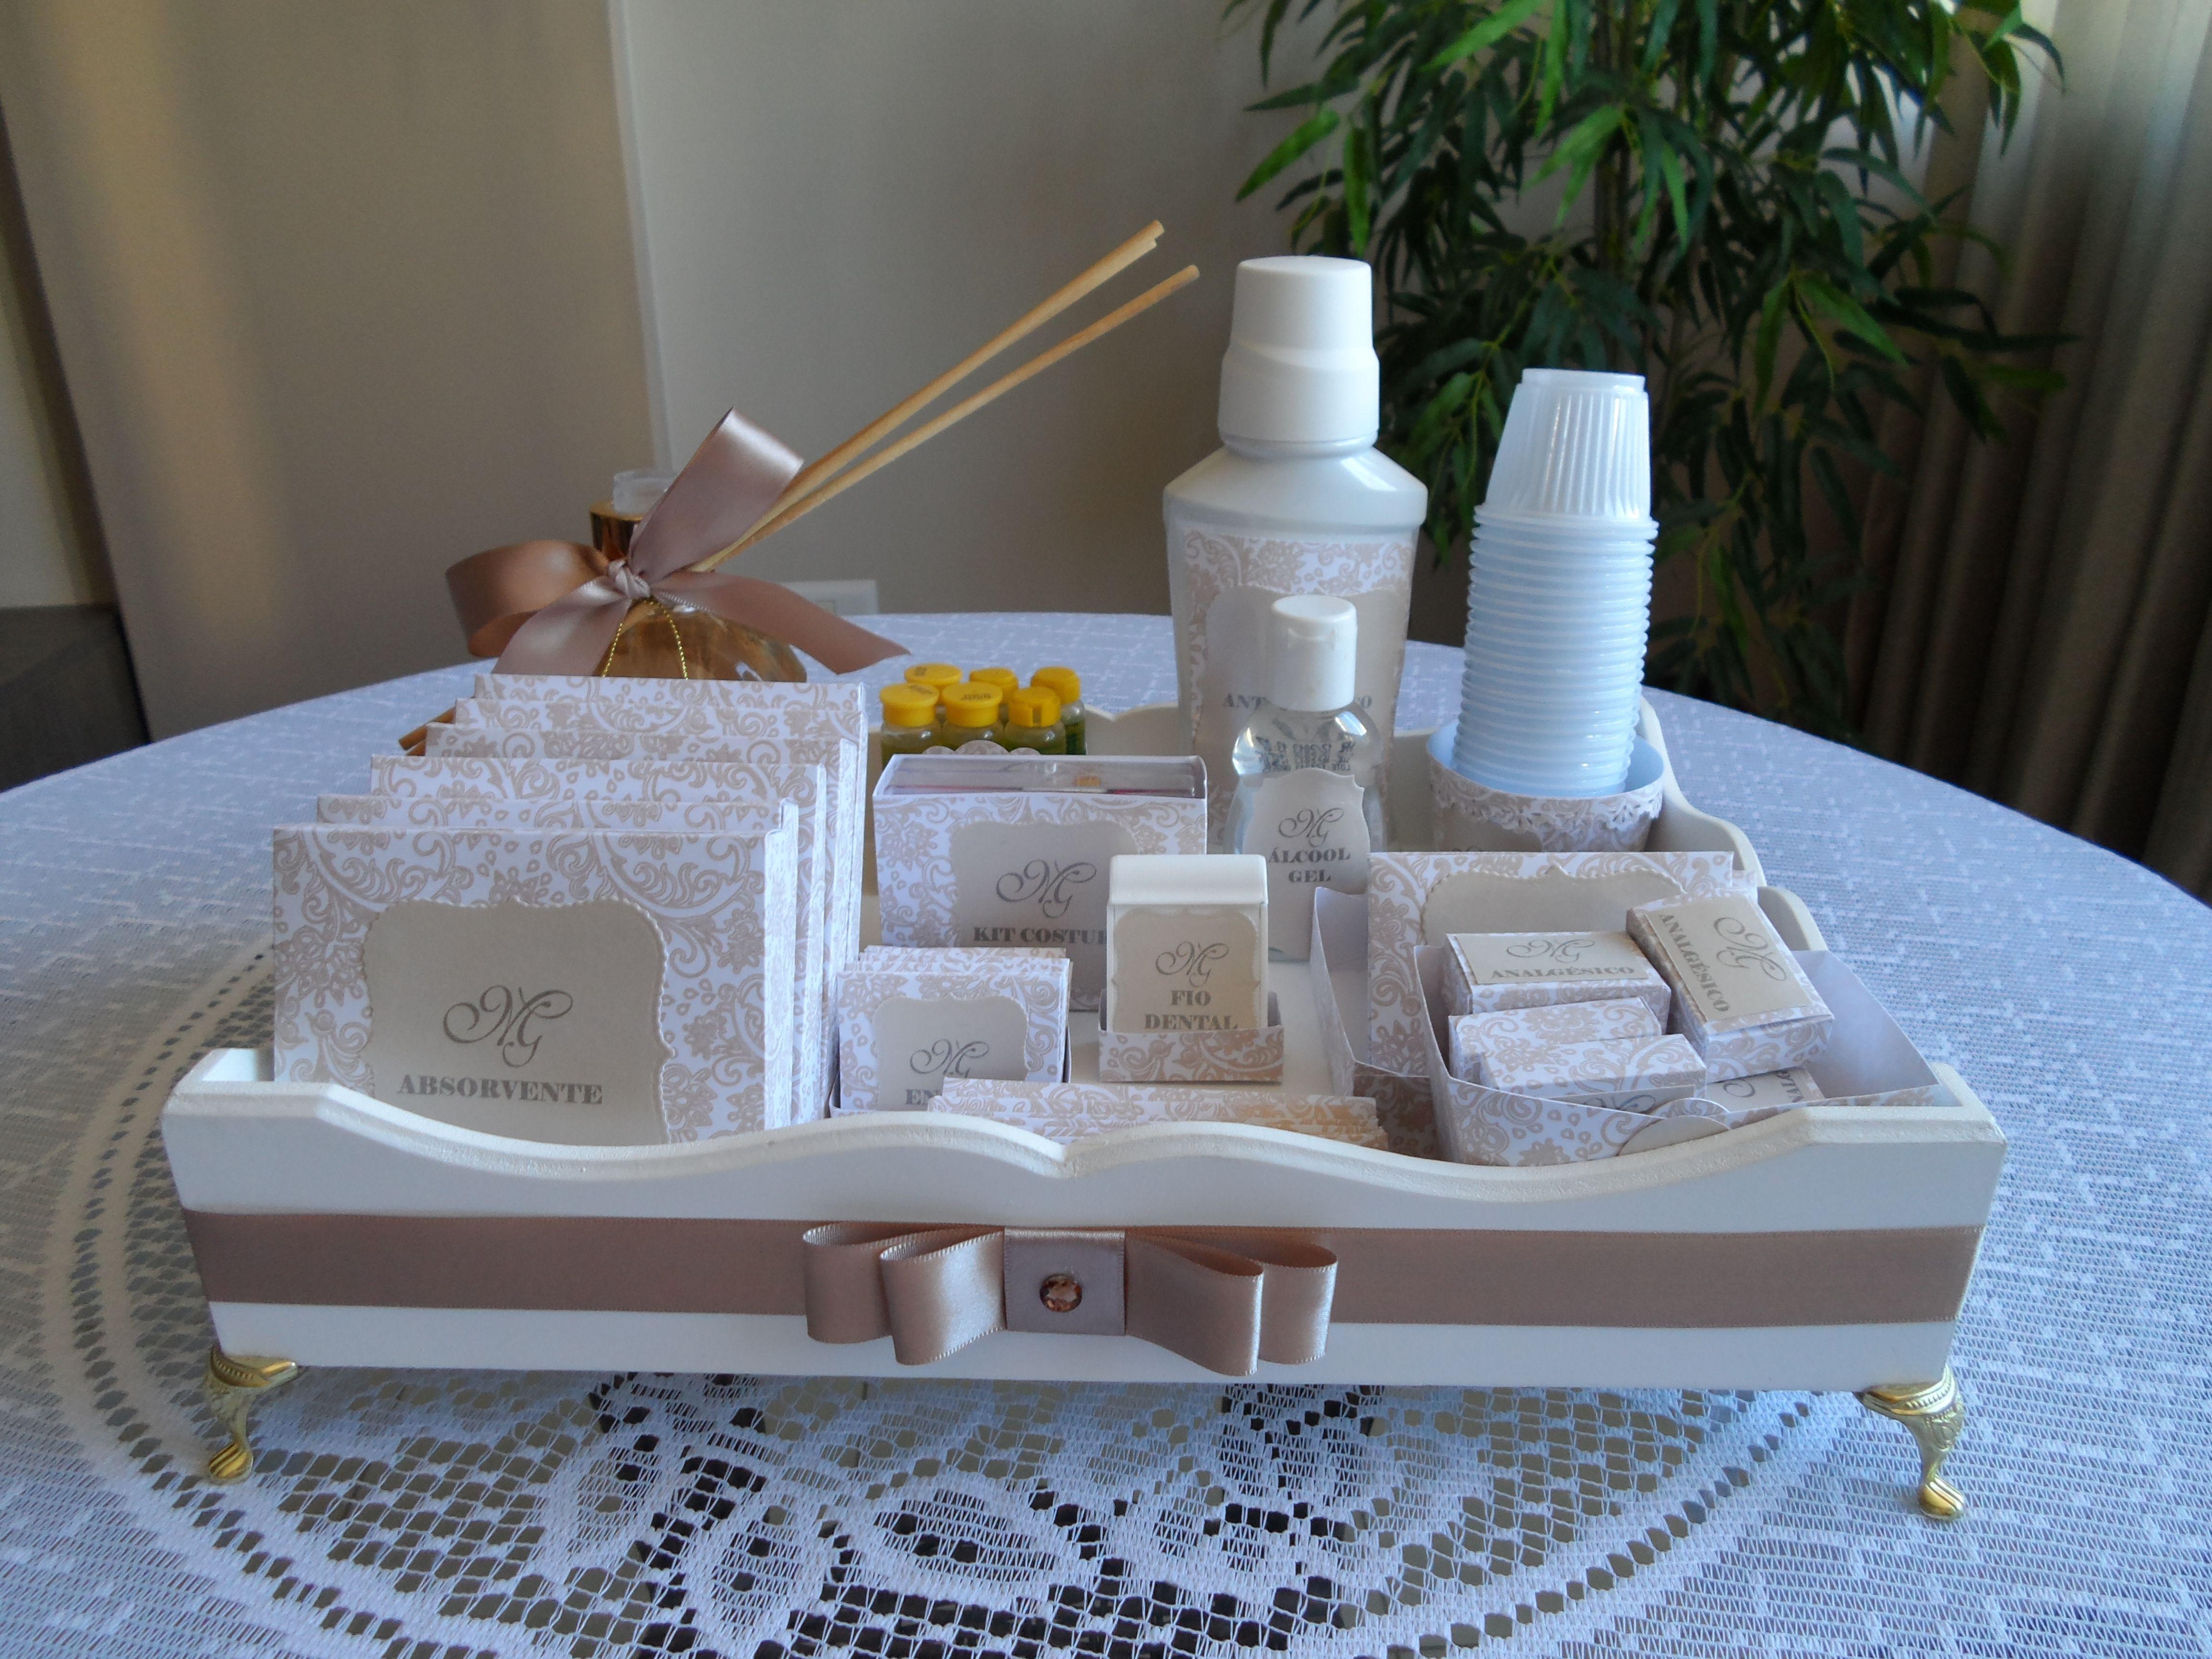 Kit Banheiro Para Casamento Goiania : Kit toilet produzido por m?nica guedes caixas